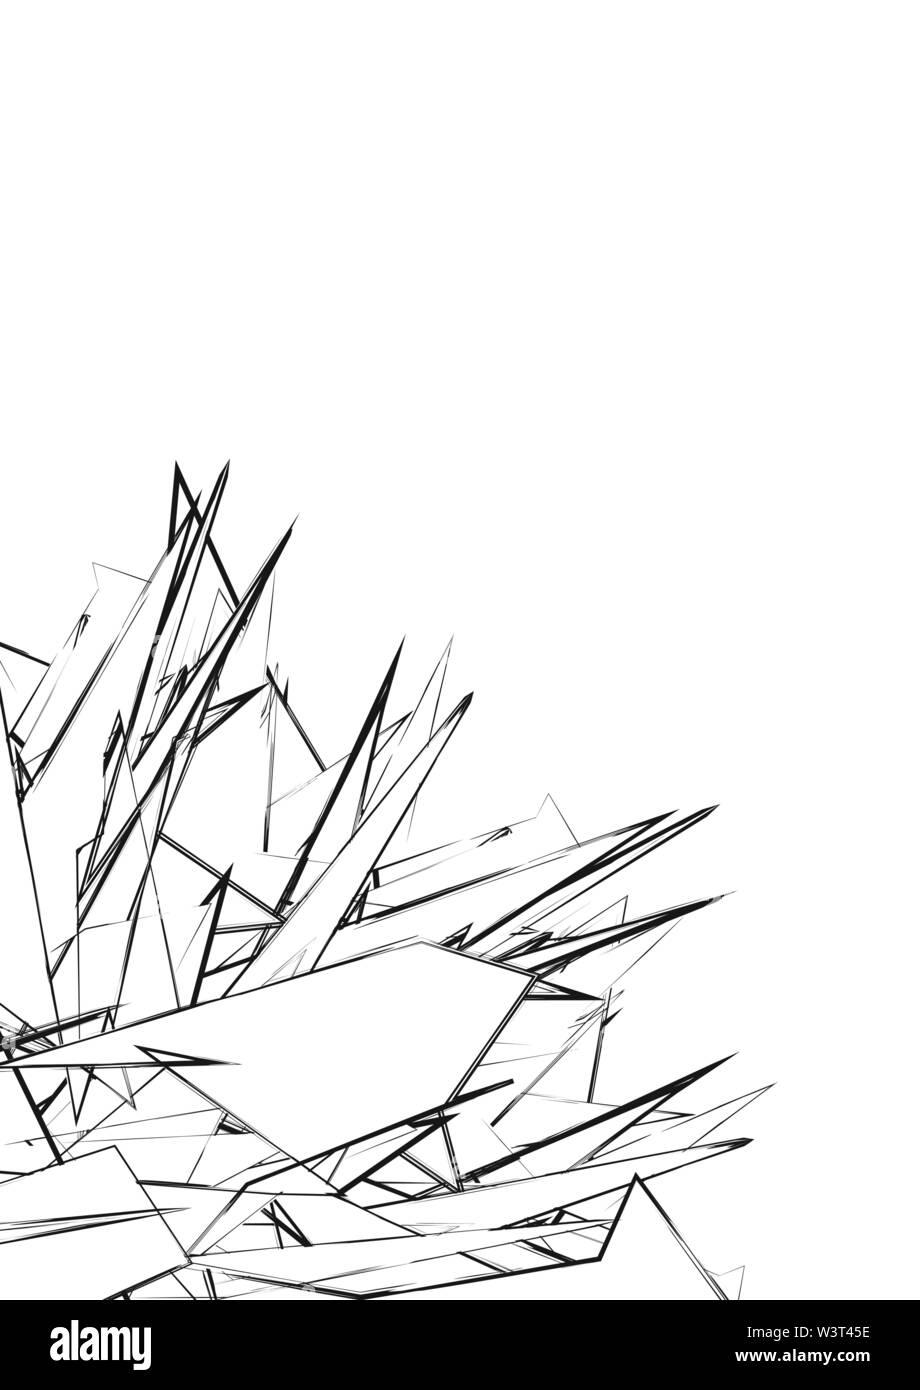 Résumé de triangles et de rayures de couleurs noir et blanc. Photo Stock